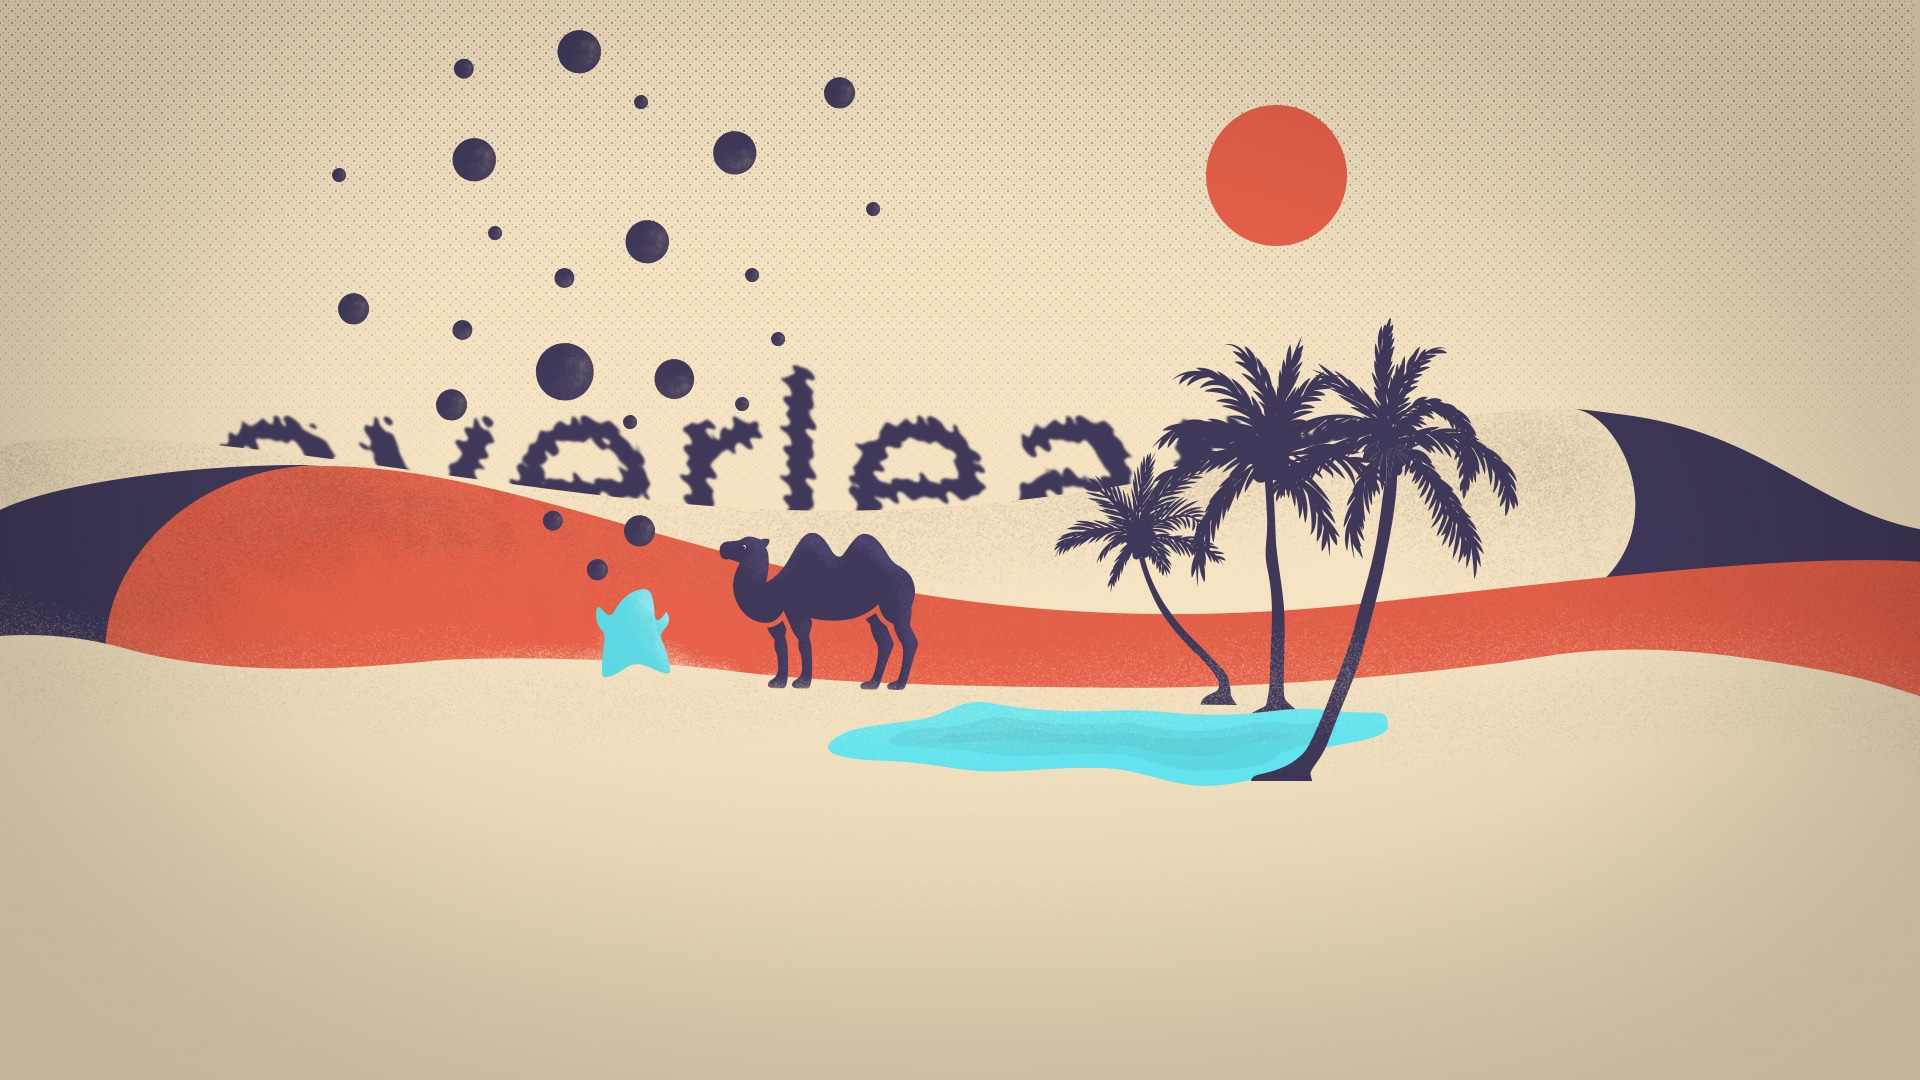 Personnage bleu libéré de sa charge devant un chameau et une oasis en plein désert